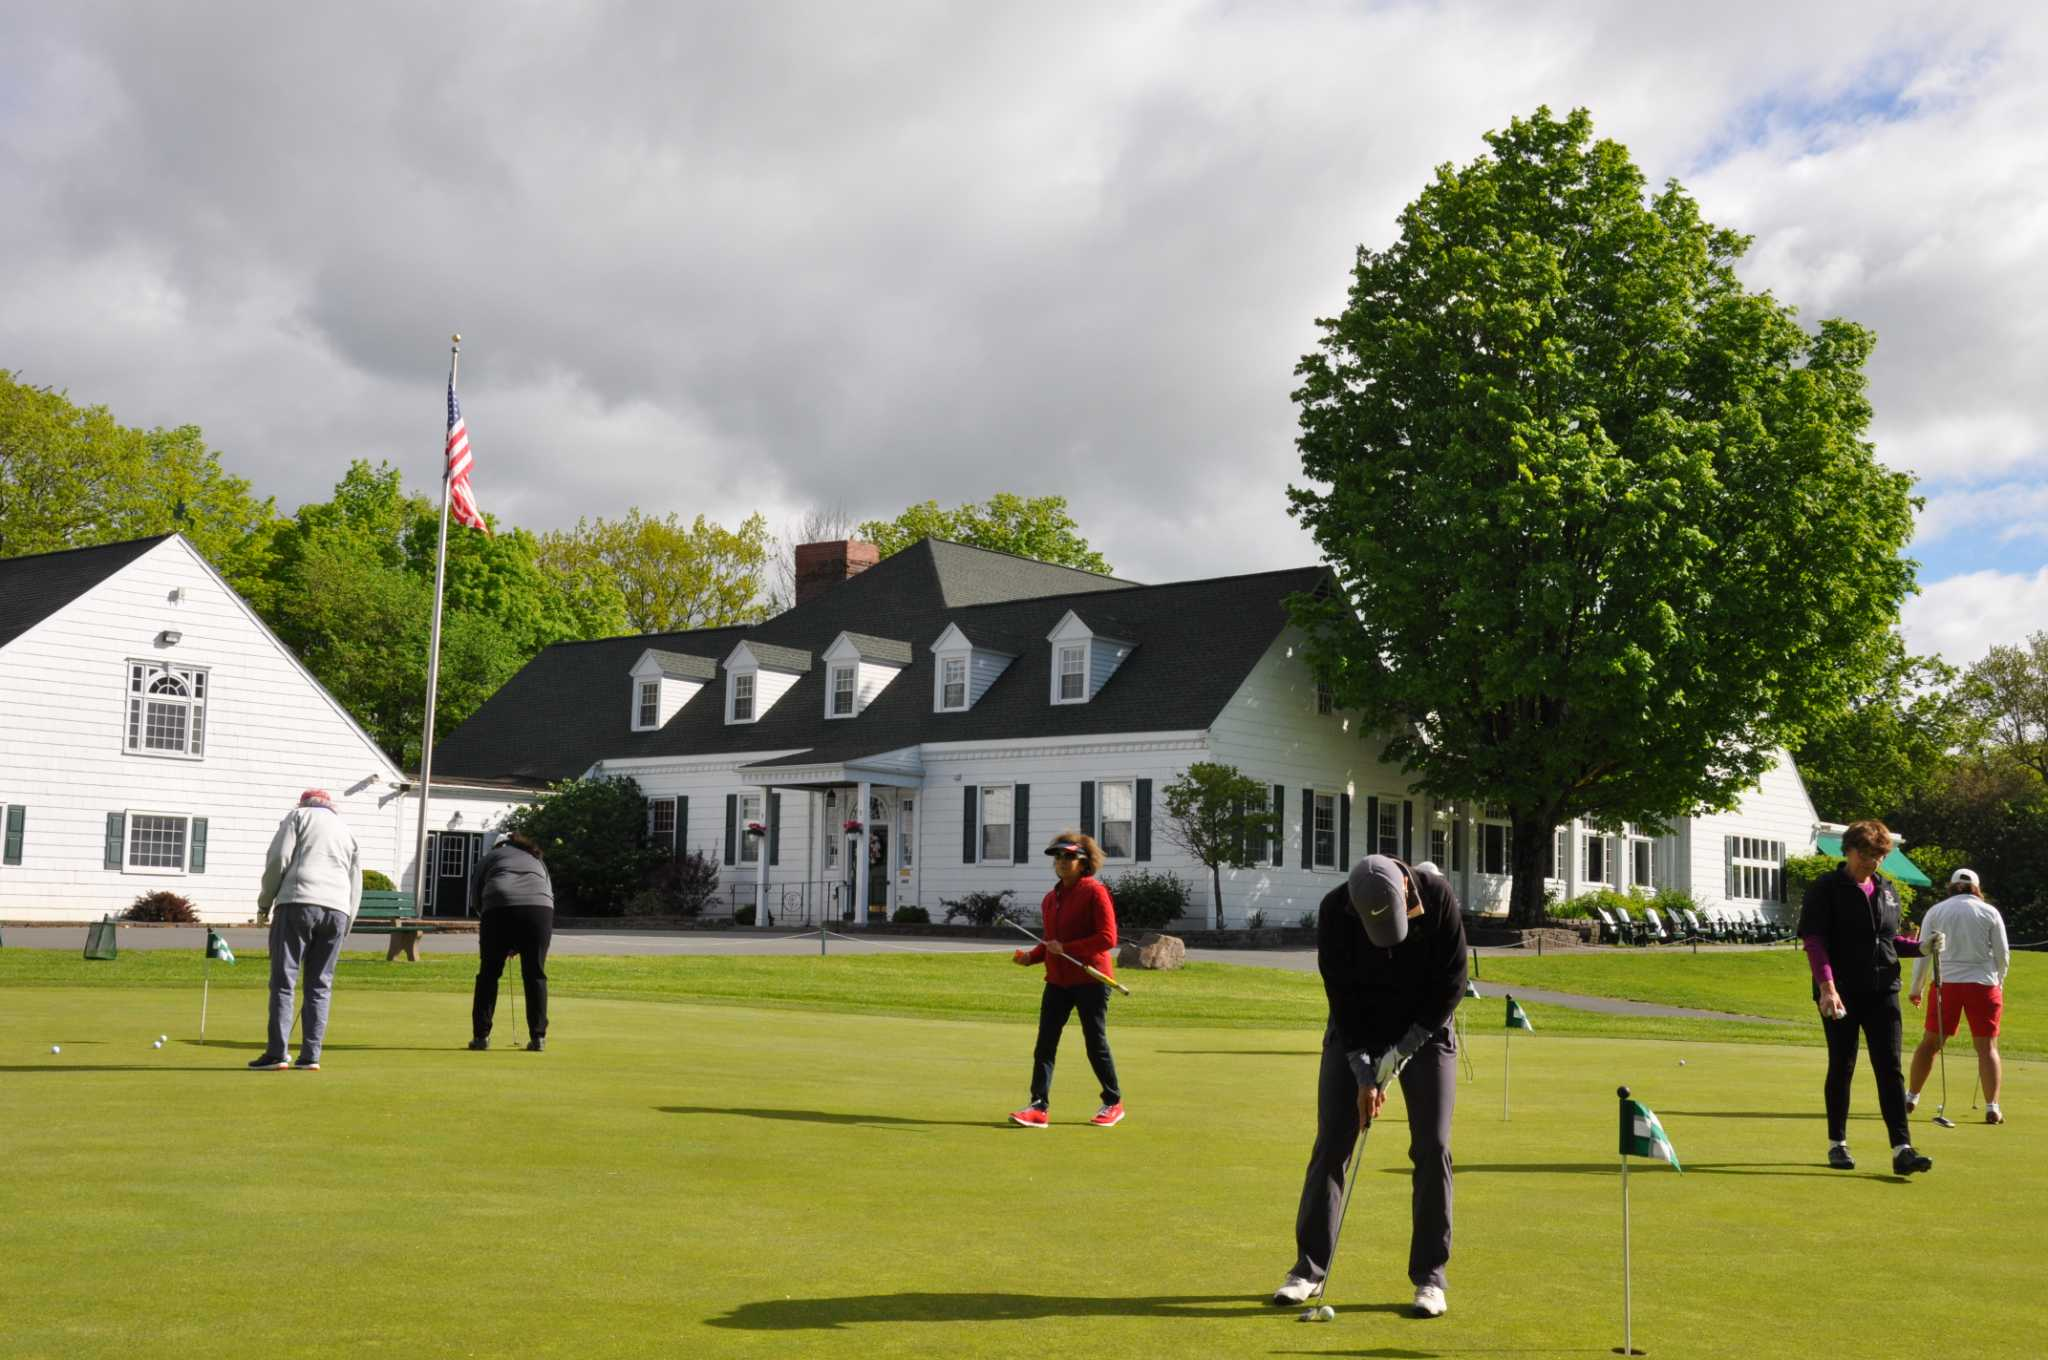 NEWGA celebrates 90th anniversary golf season